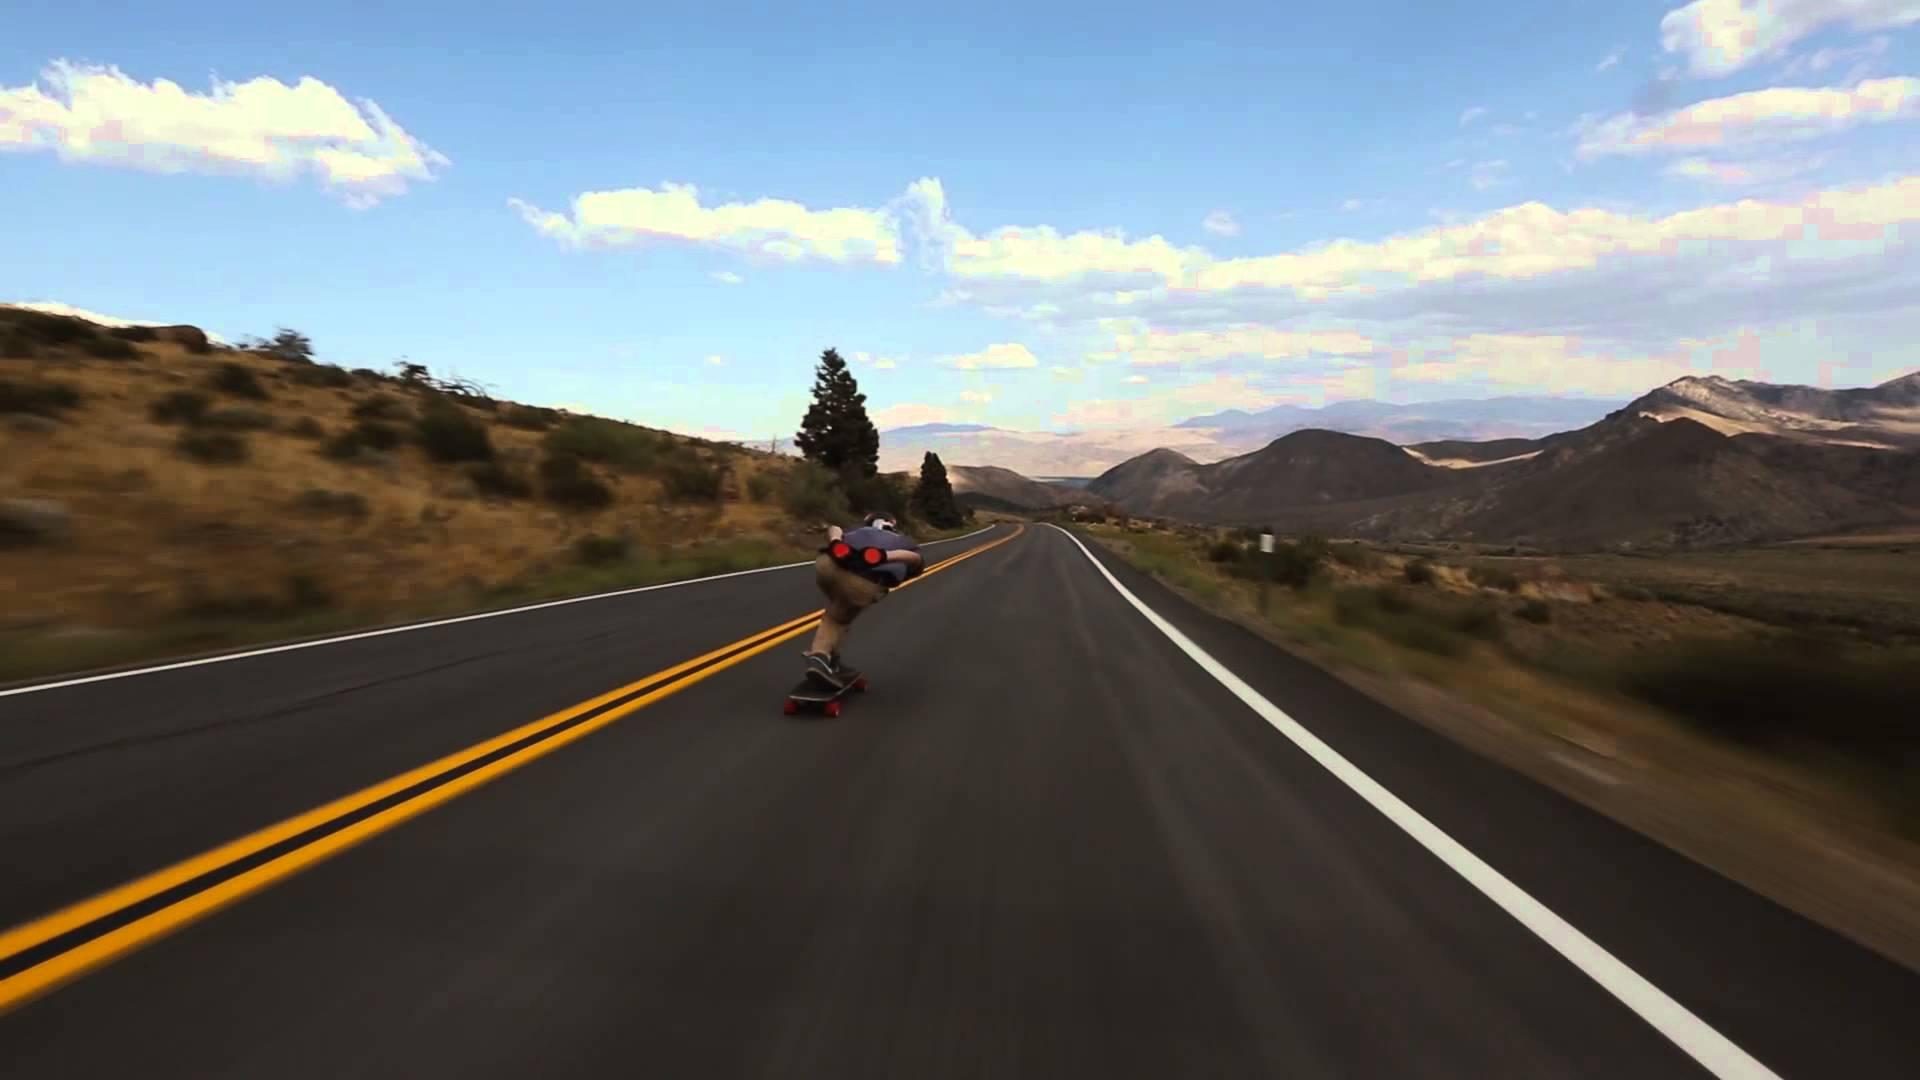 Du skateboard sur la route